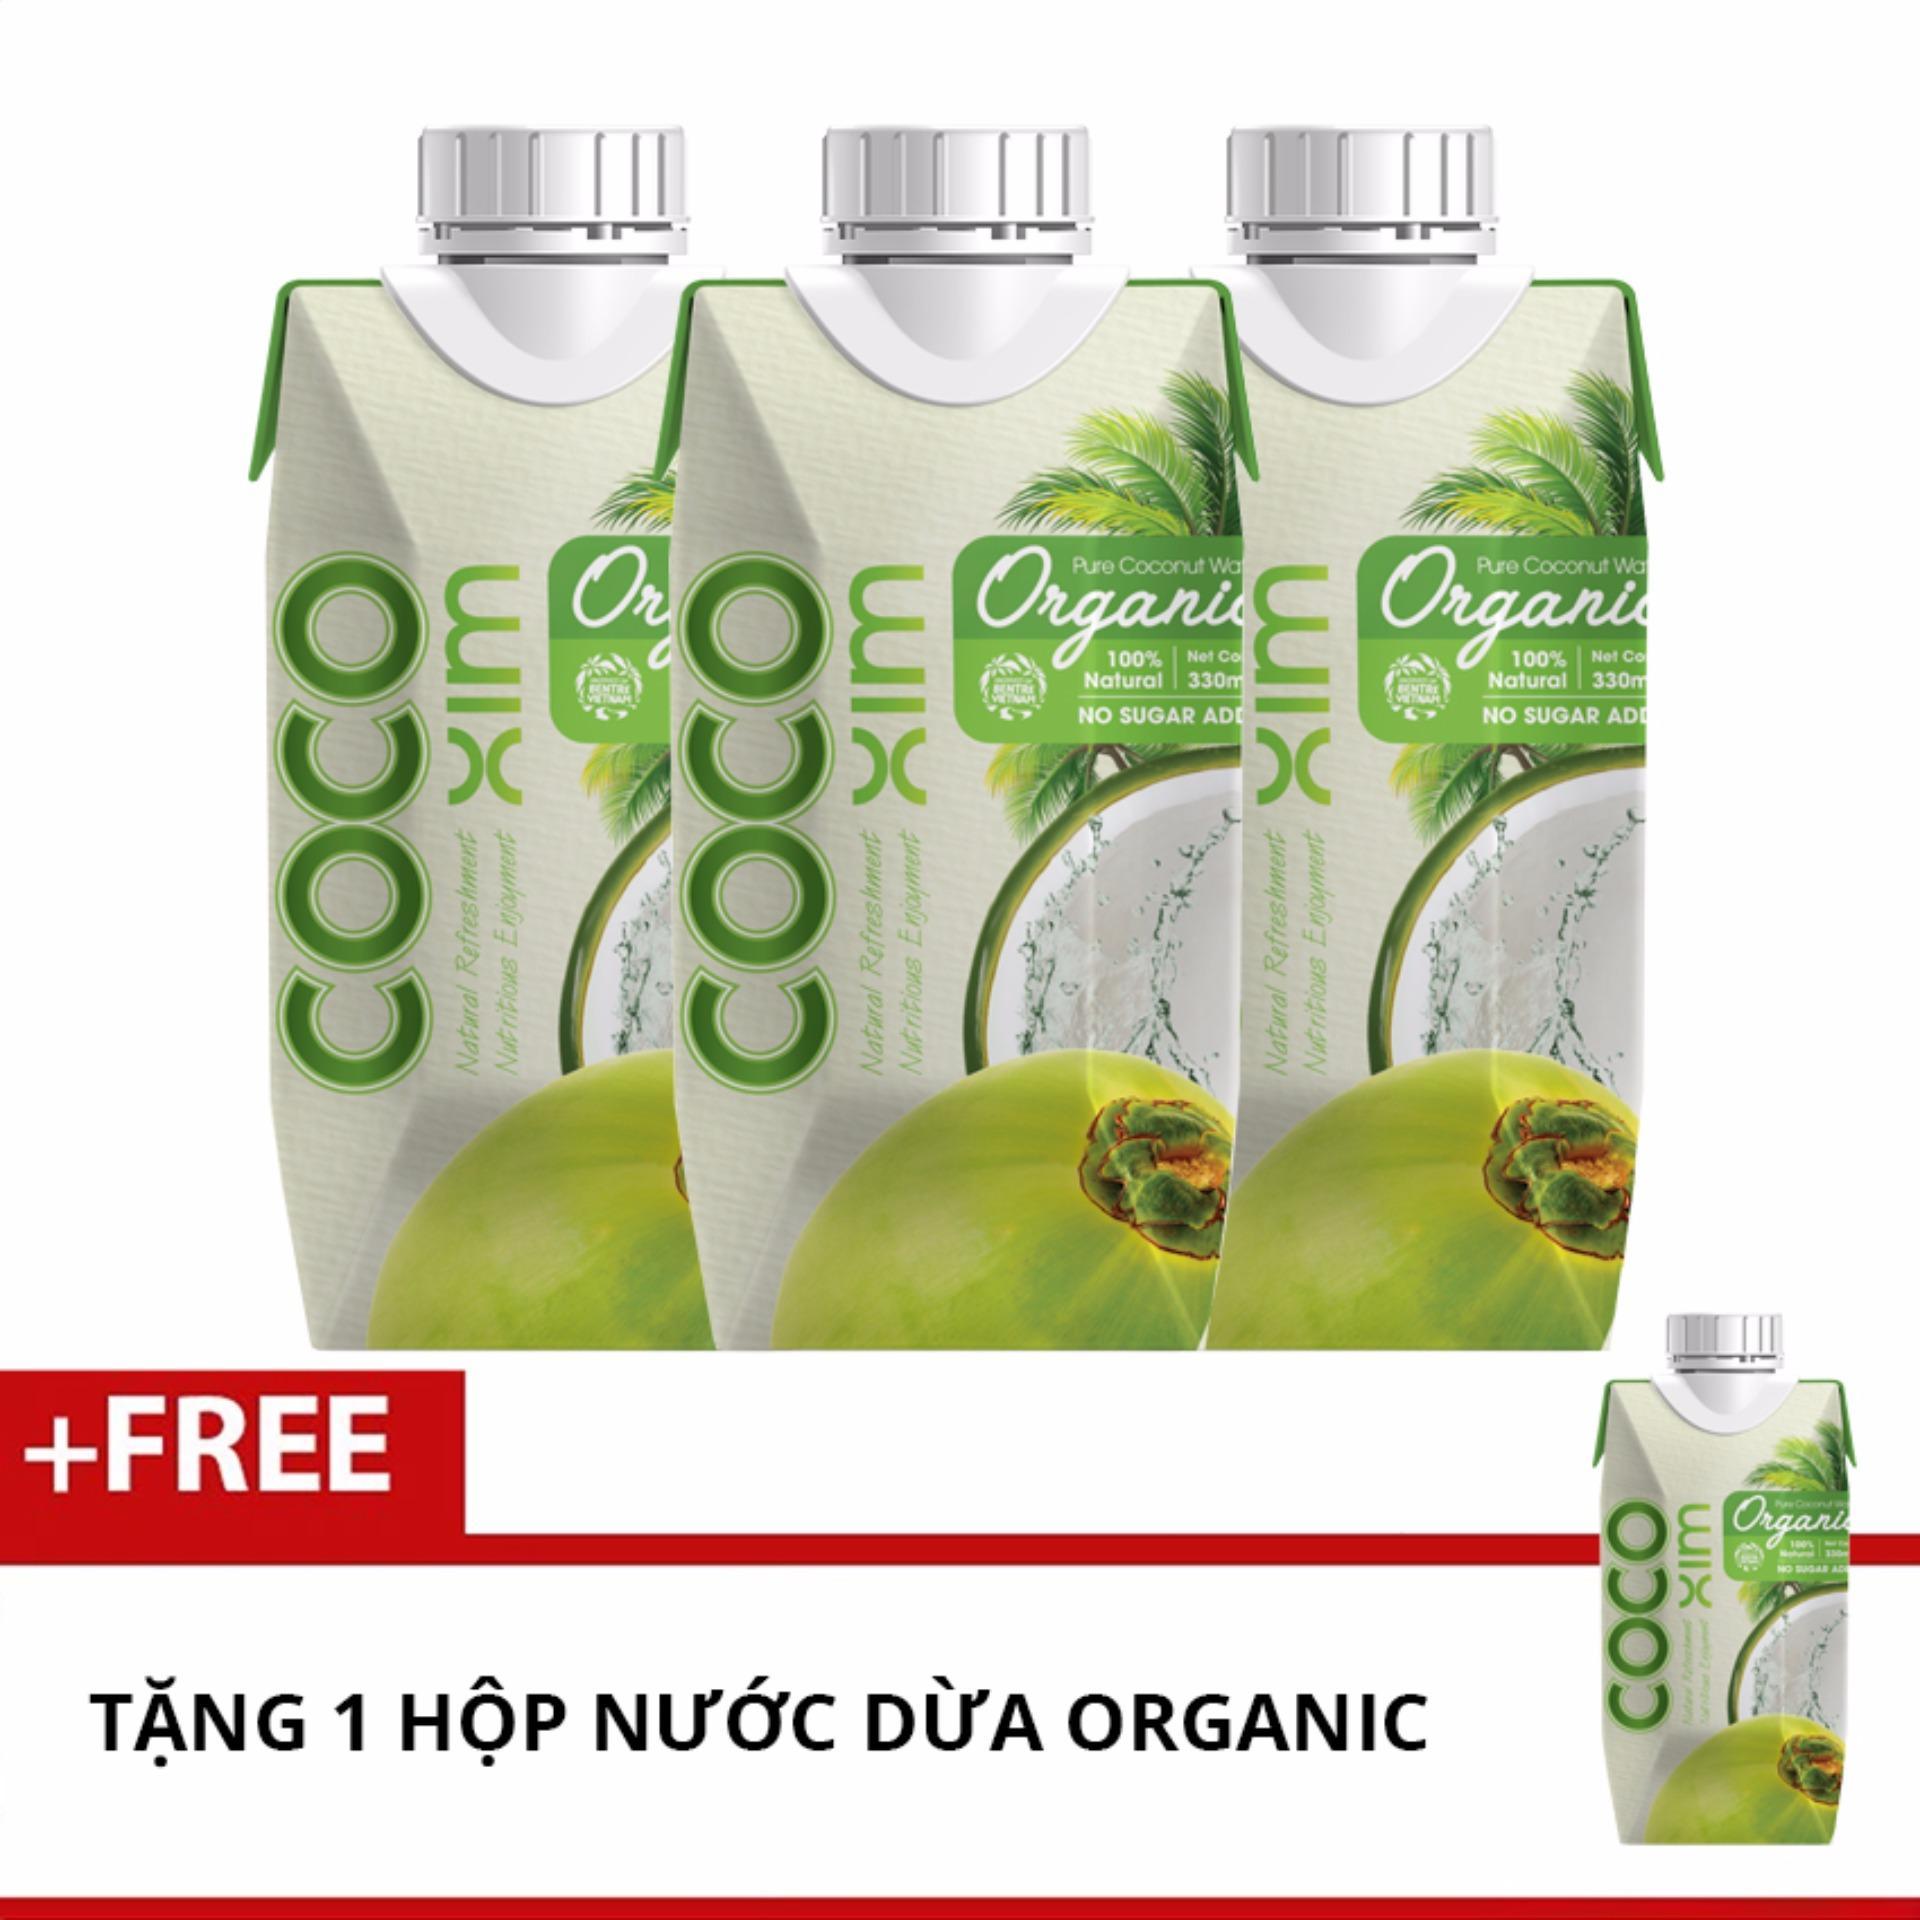 Mua 3 Hộp Nước Dừa Cocoxim Organic ( 330ml ) + Tặng 1 Hộp Cùng Loại